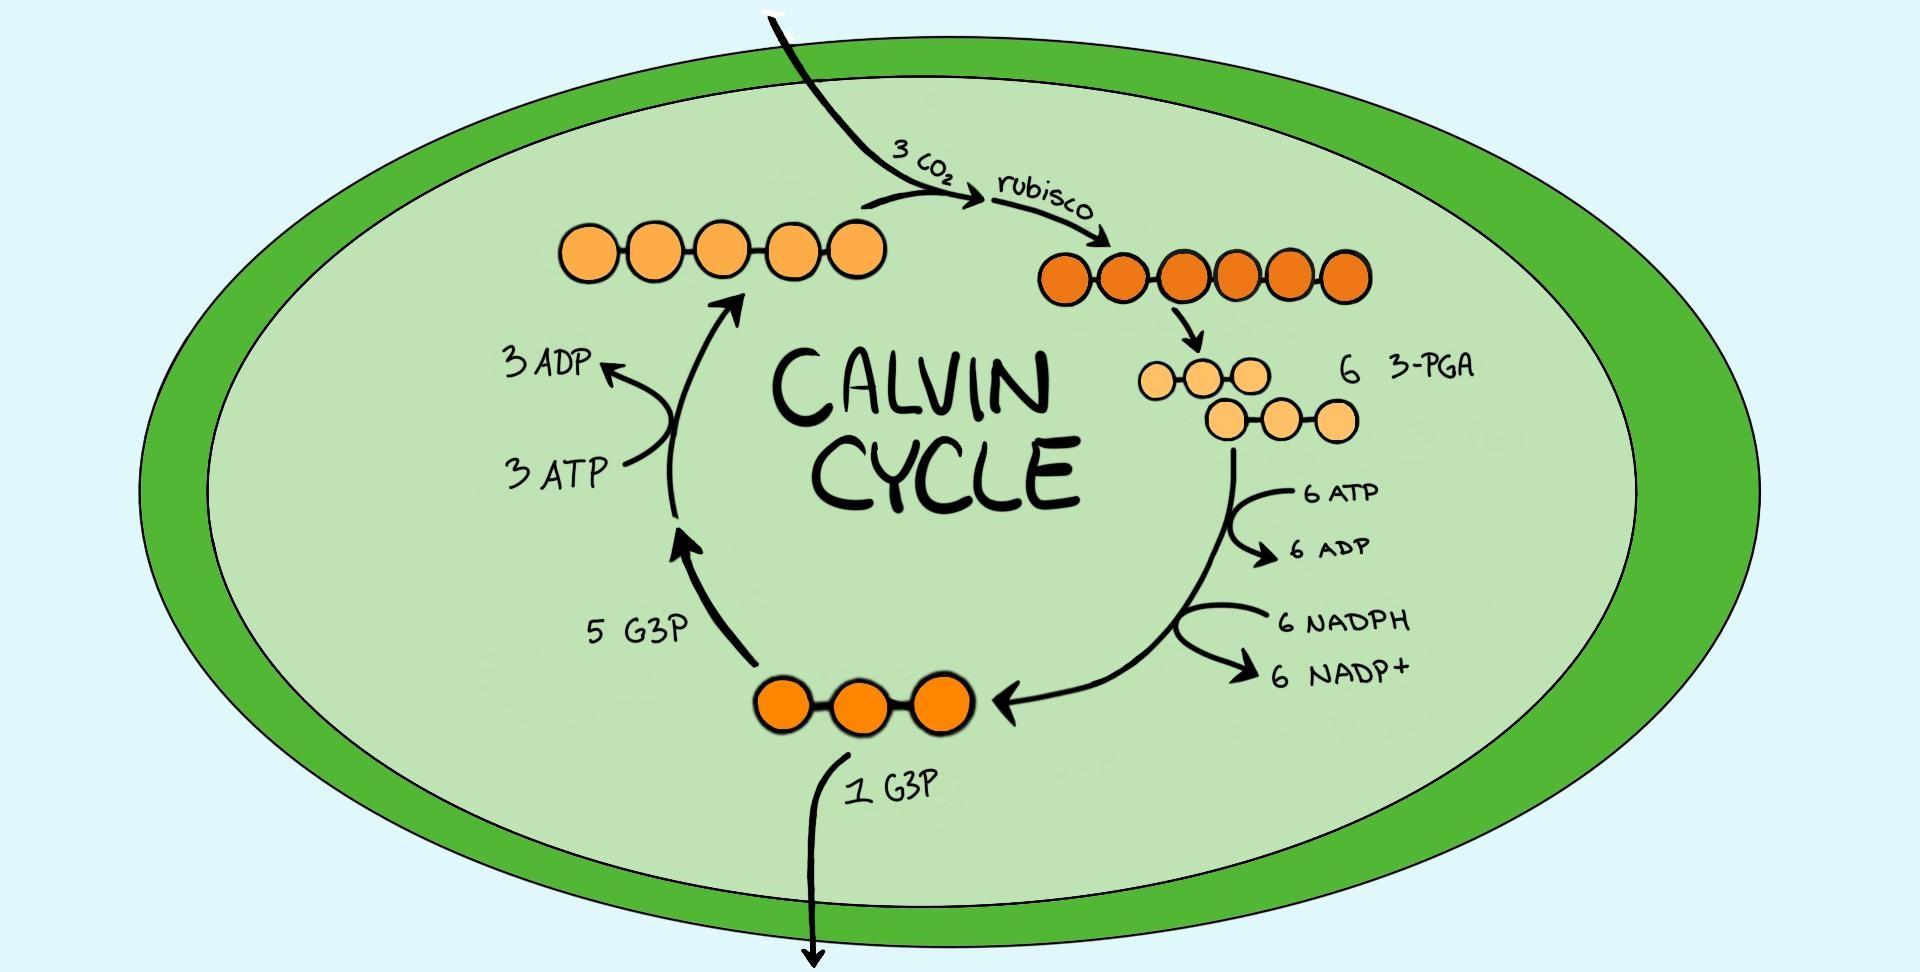 چرخه کالوین ، مراحل و محصولات | به زبان ساده